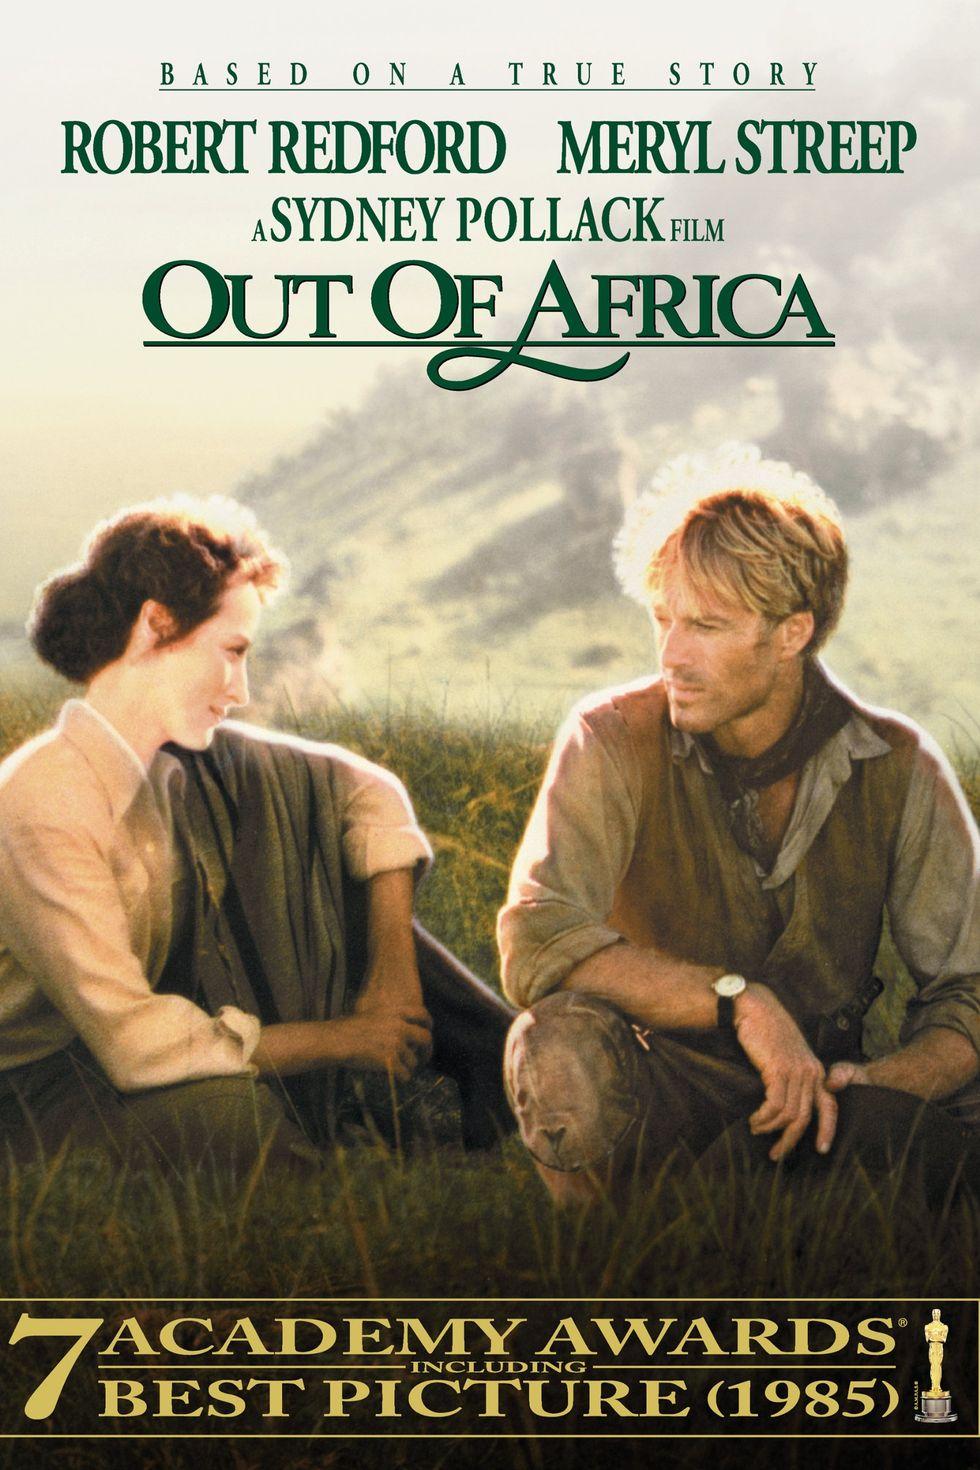 """""""Далеч от Африка"""" (1985) Филмът е направен по мемоар на баронеса Карен фон Бликсен (известна още като Исак Динесен). Лентата разказва за дама от датската аристокрация, която купува плантация за кафе в Кения. Там тя се влюбва в американски ловец (Робърт Редфорд). В ролята на главната героиня е неповторимата Мерил Стрийп. """"Далеч от Африка"""" също е отличен с награда """"Оскар"""" за най-добър филм, като сцените от Африка и играта на Робърт Редфорт и Мерил наистина са брилянтни."""